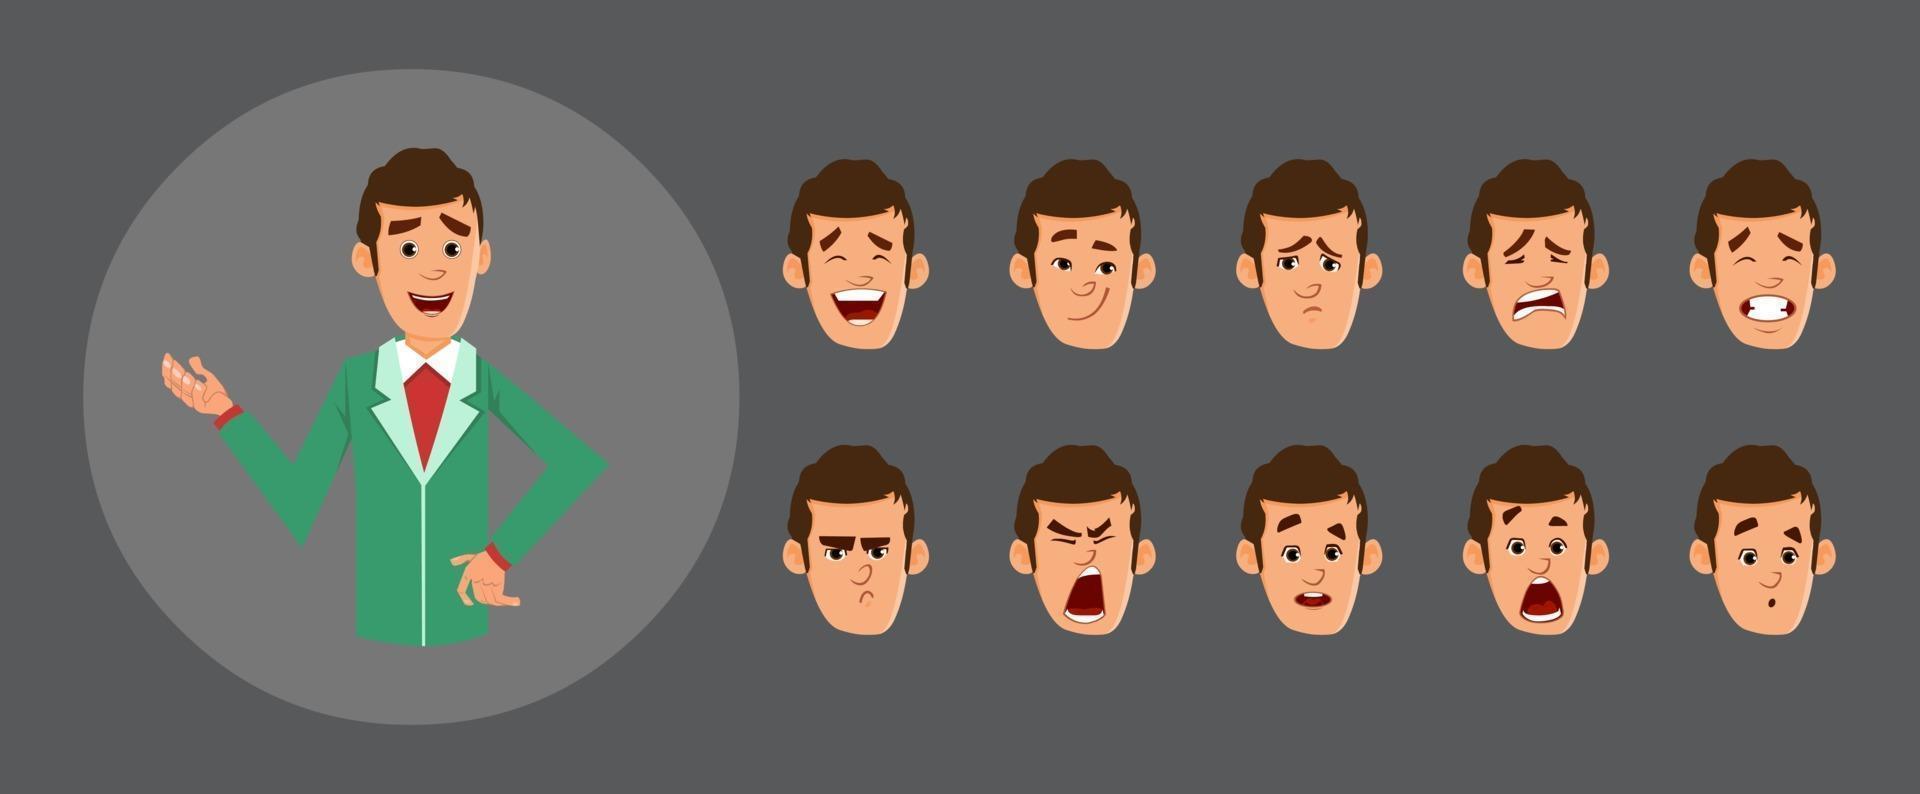 avatar simpatico uomo d'affari con varie emozioni facciali e sincronizzazione labiale. carattere per l'animazione personalizzata. vettore